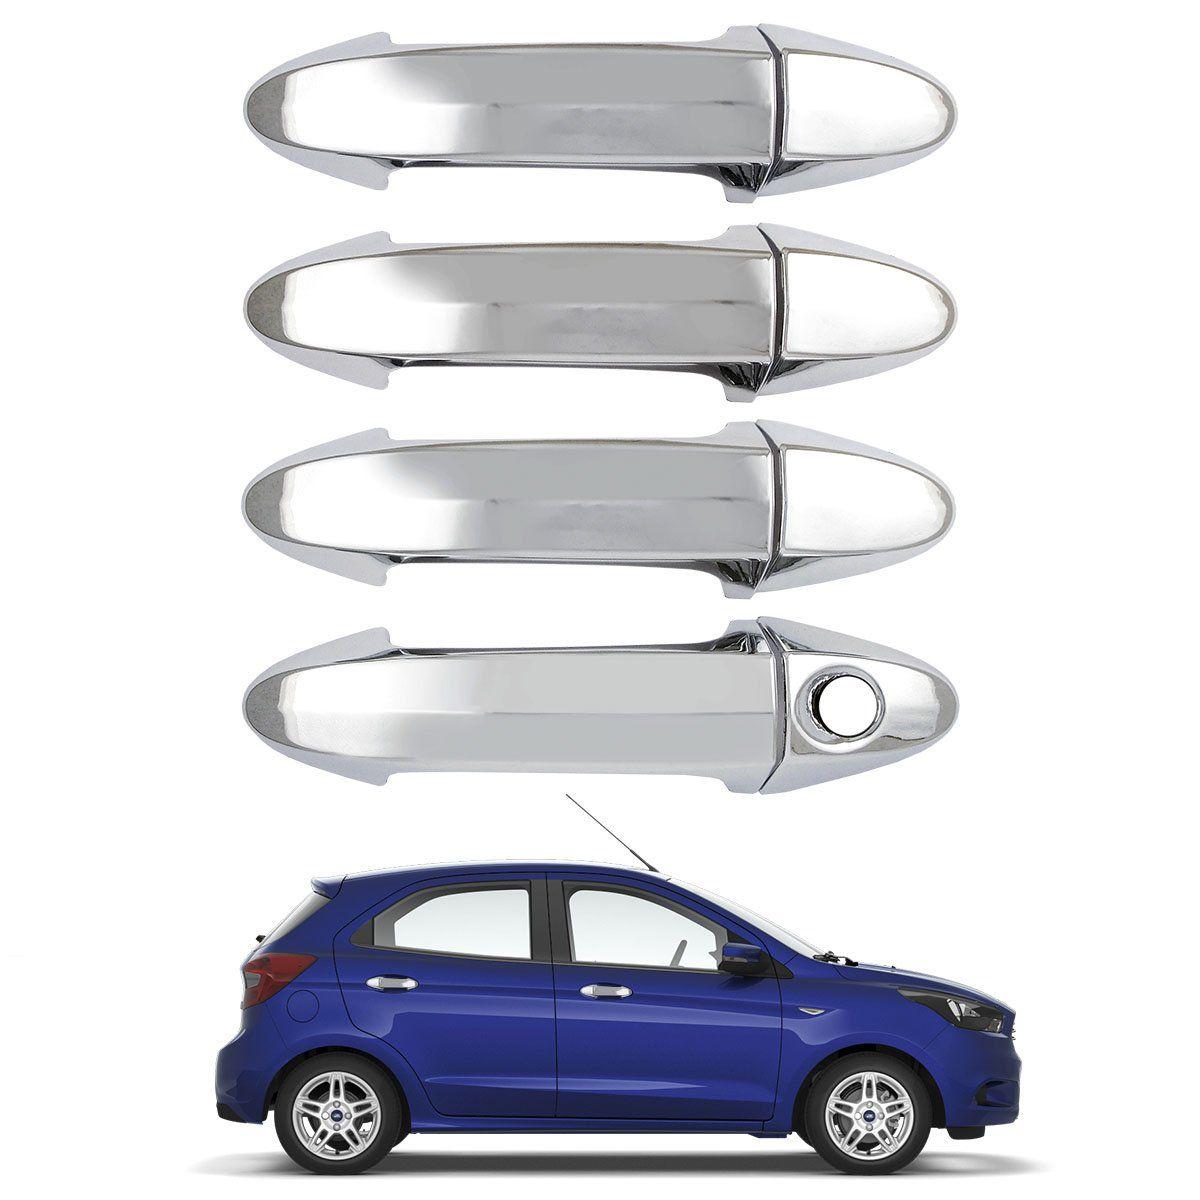 Capa Aplique de Maçaneta Cromada Ecosport New Fiesta Ka 4 Portas